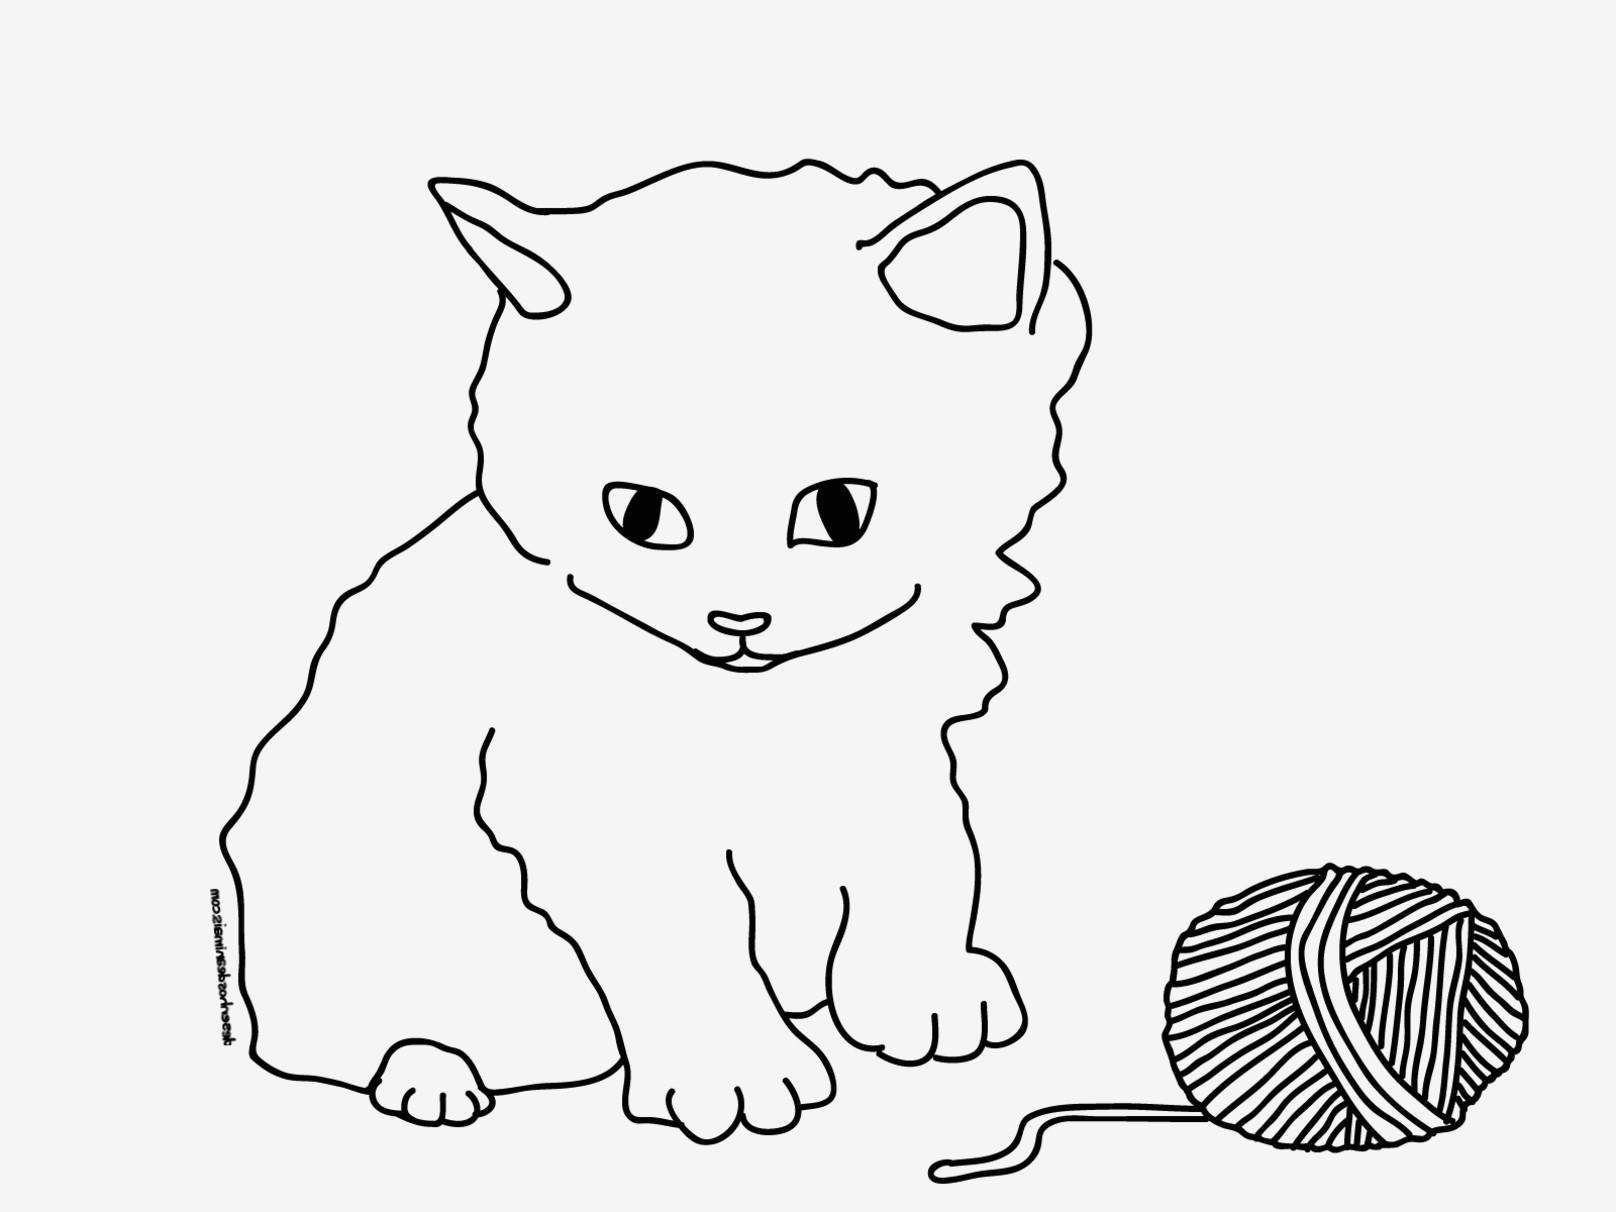 Katzen Bilder Zum Ausmalen Neu Bildergalerie & Bilder Zum Ausmalen Ausmalbild Hund Katze Bild